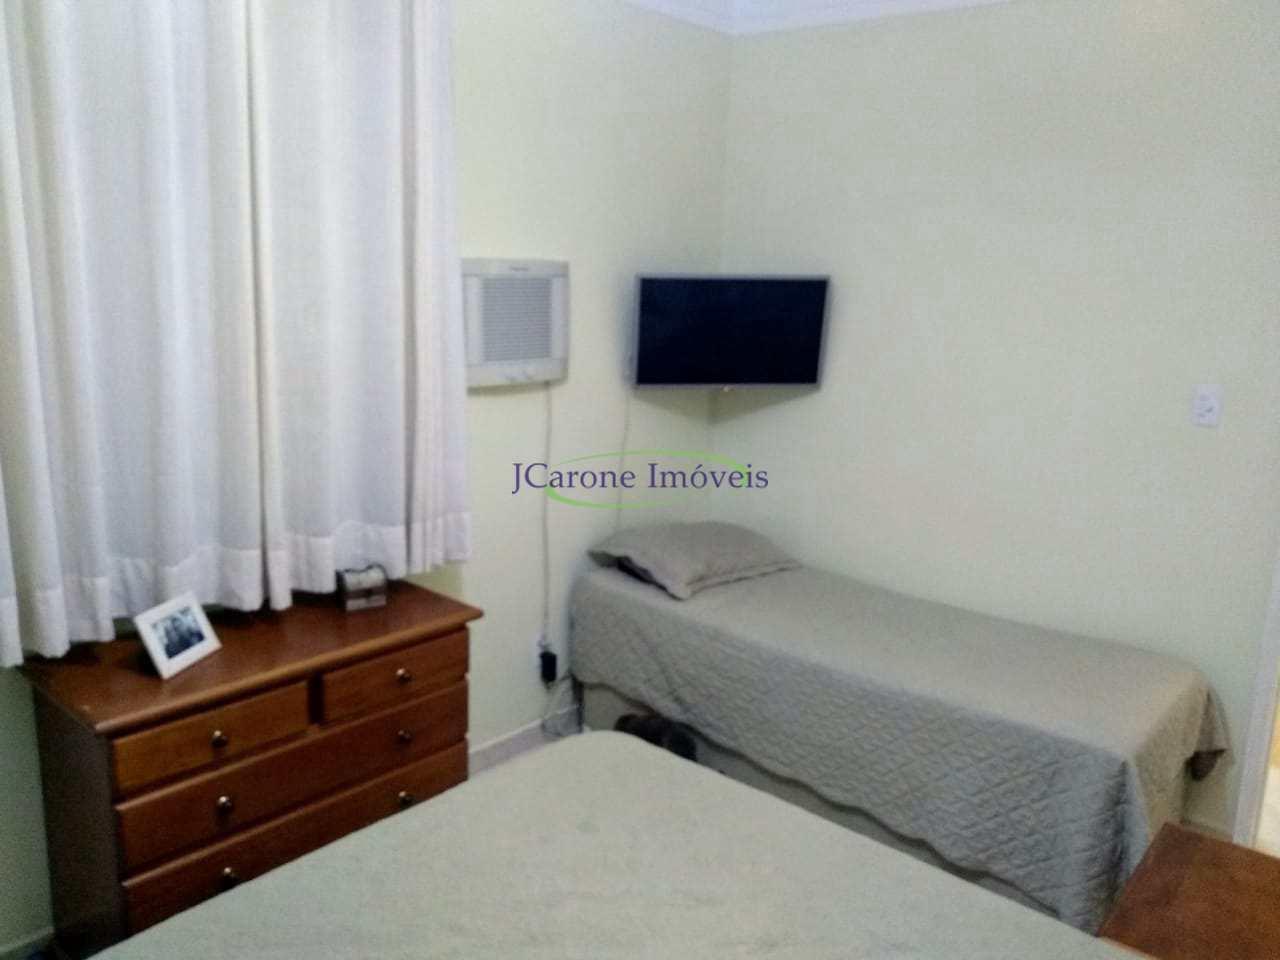 Apartamento com 1 dorm, Aparecida, Santos - R$ 250 mil, Cod: 64152463